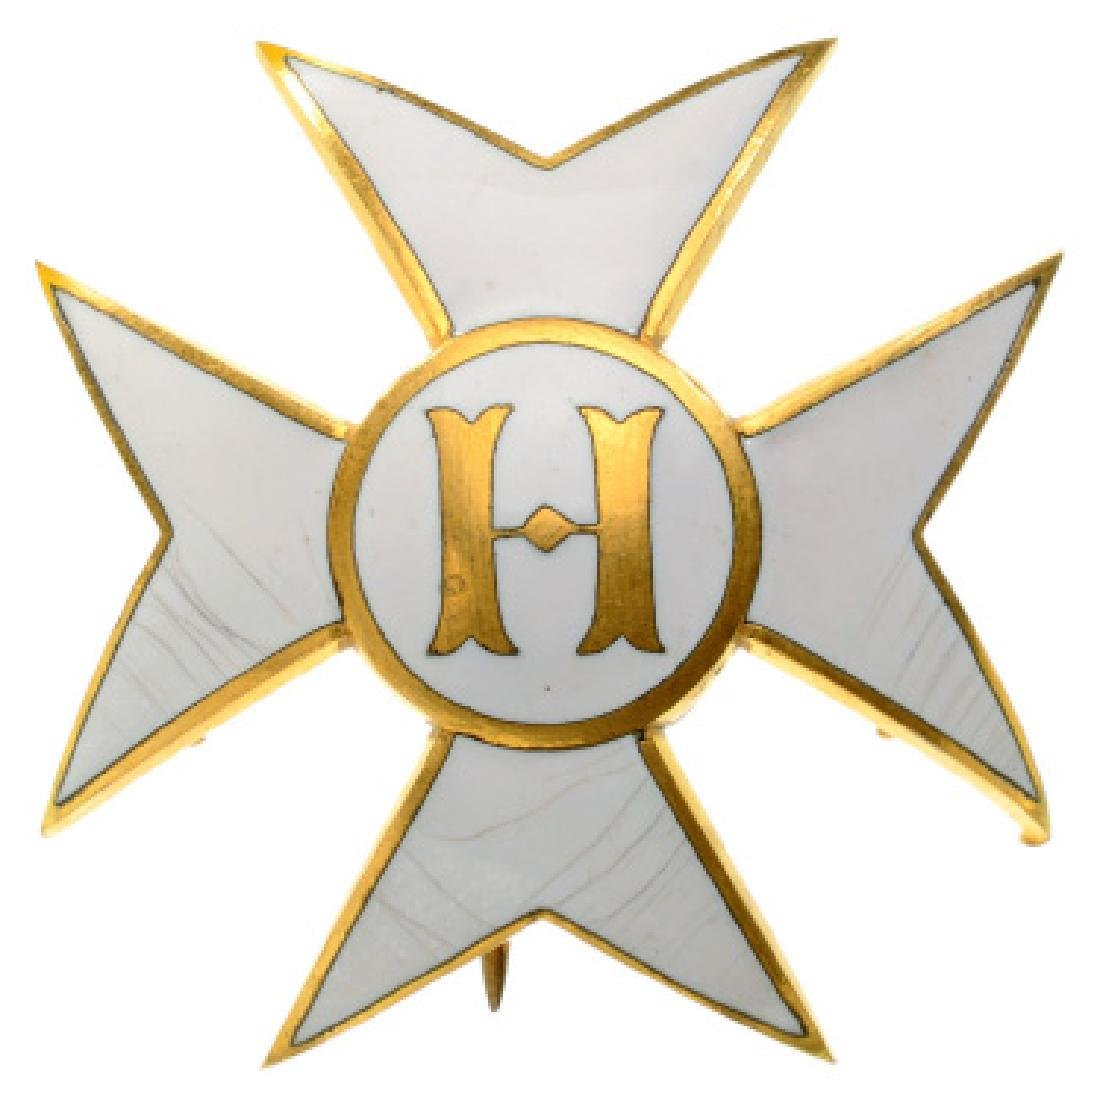 ORDER OF SAINT HUBERTUS